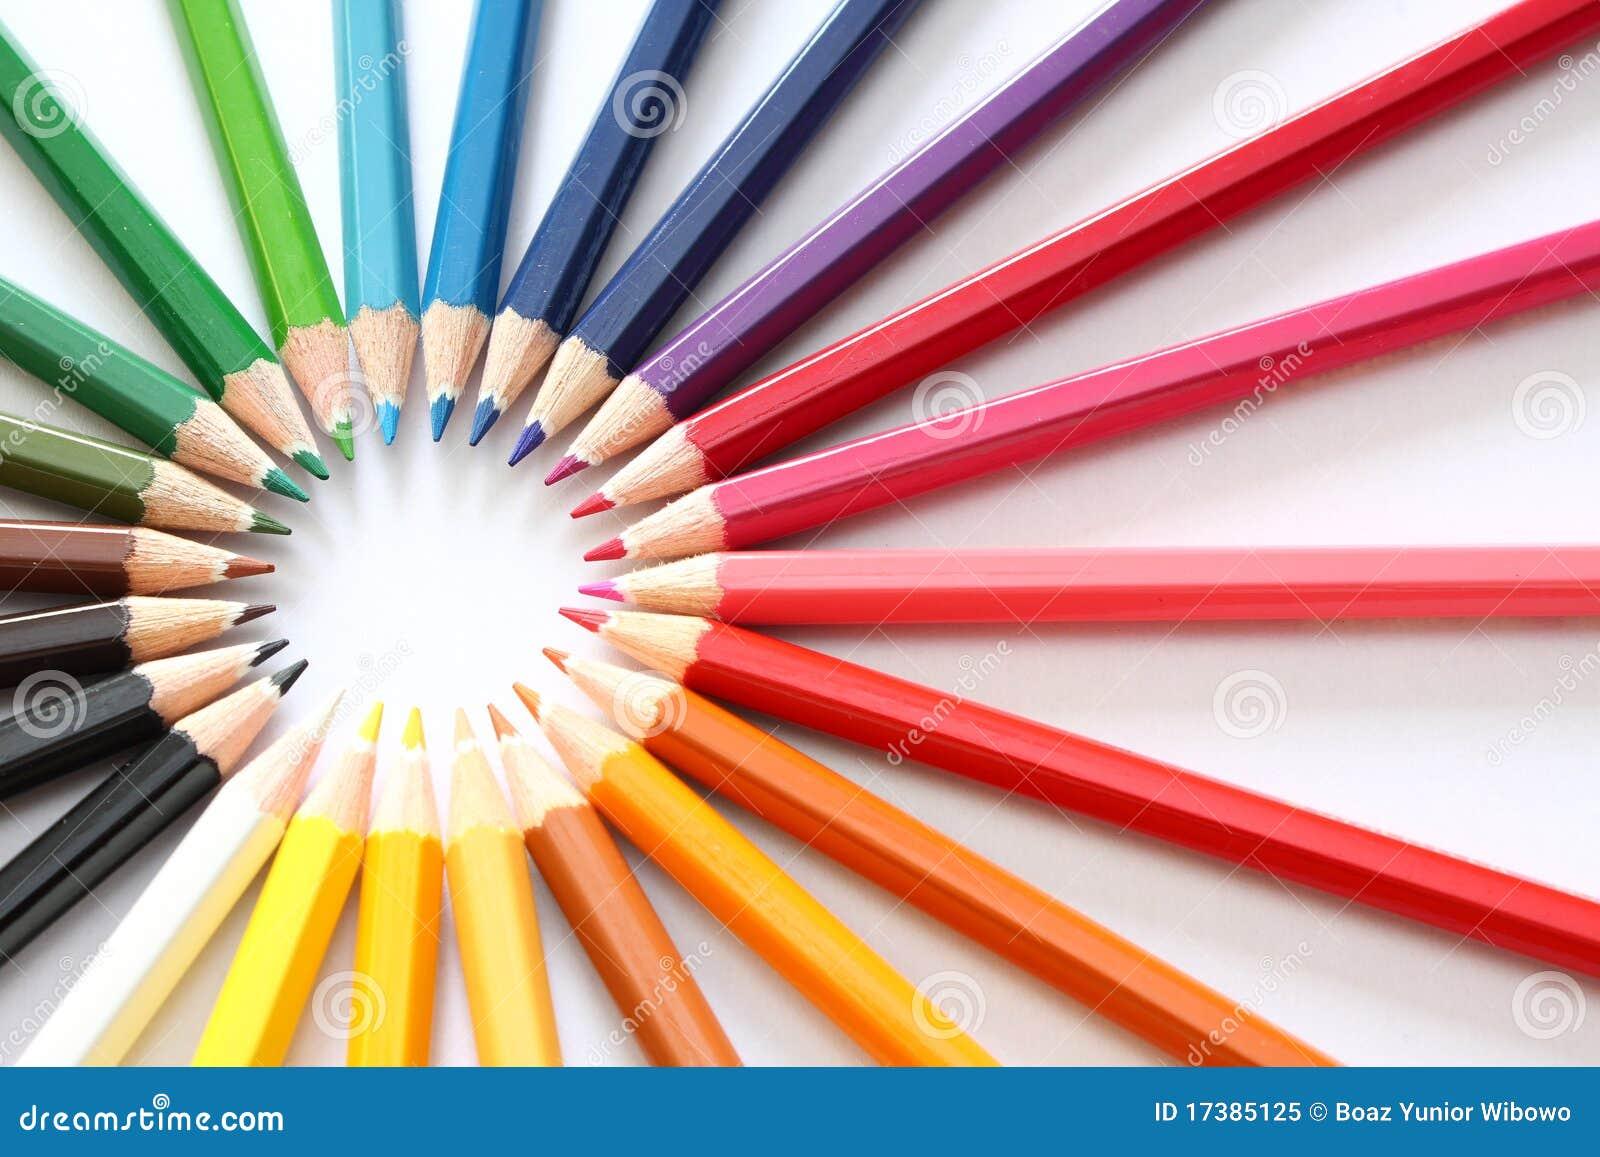 Raggi delle matite di colore